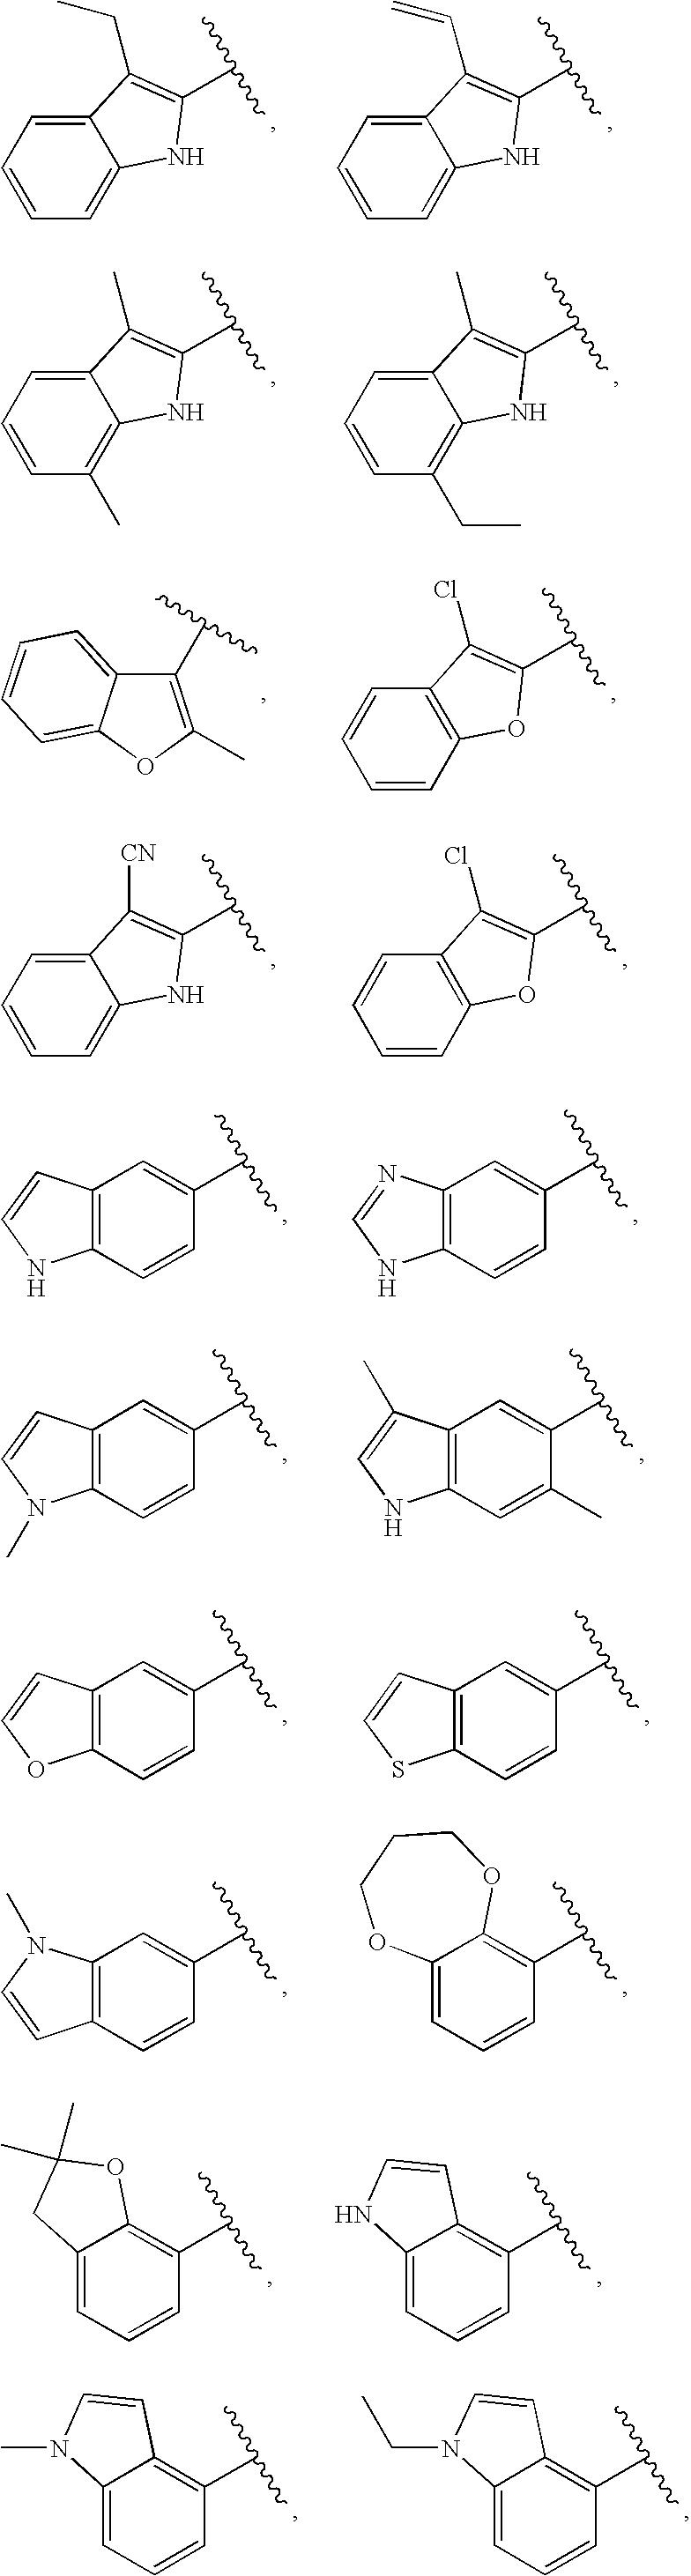 Figure US08450307-20130528-C00019